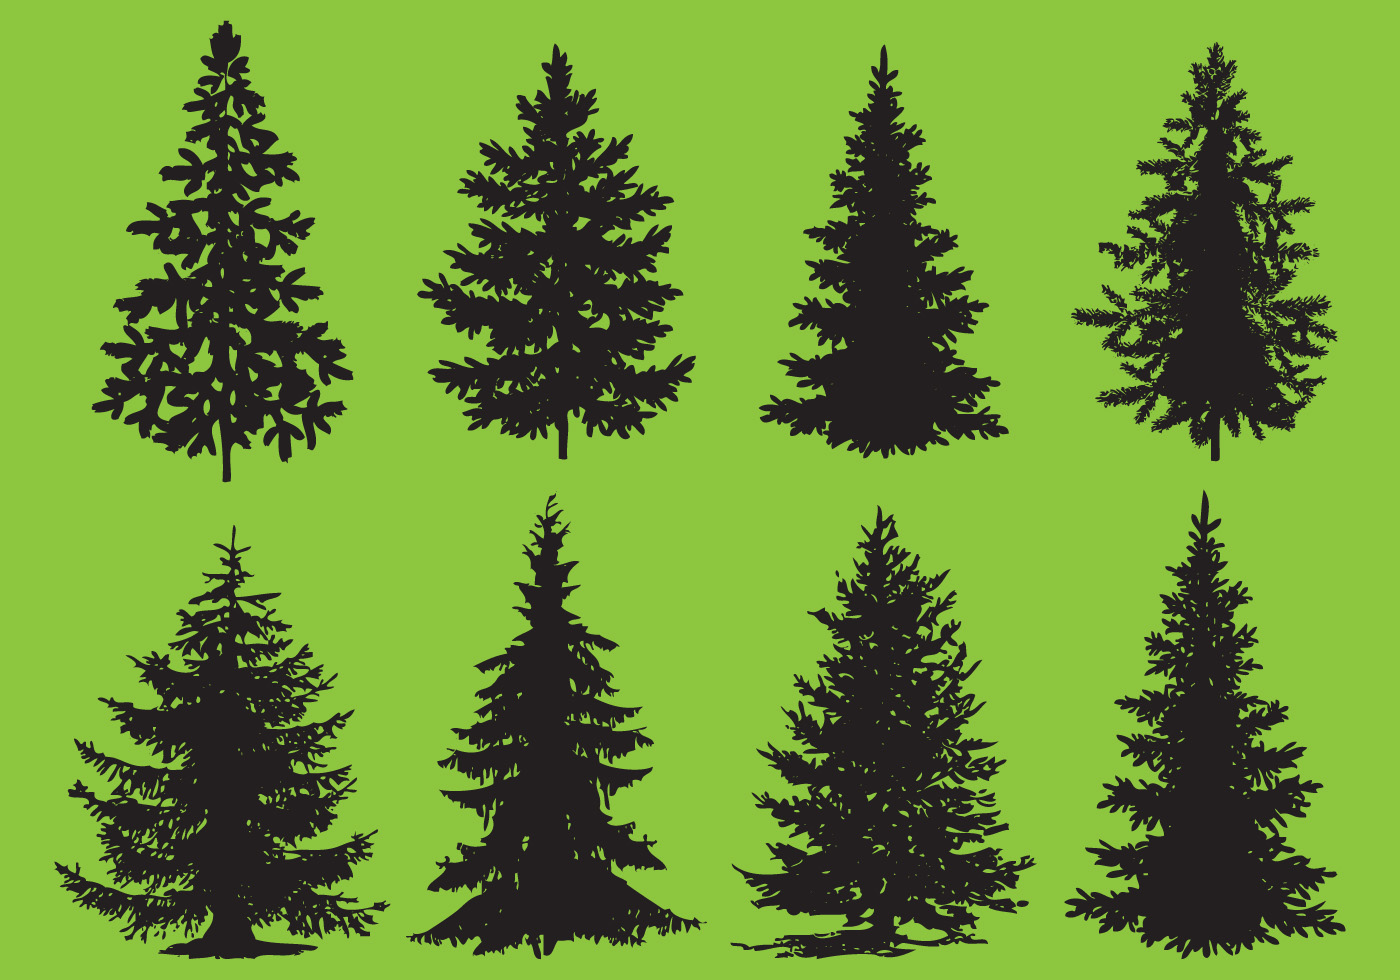 pine tree vectors download free vector art  stock pine trees vector png vector pine trees